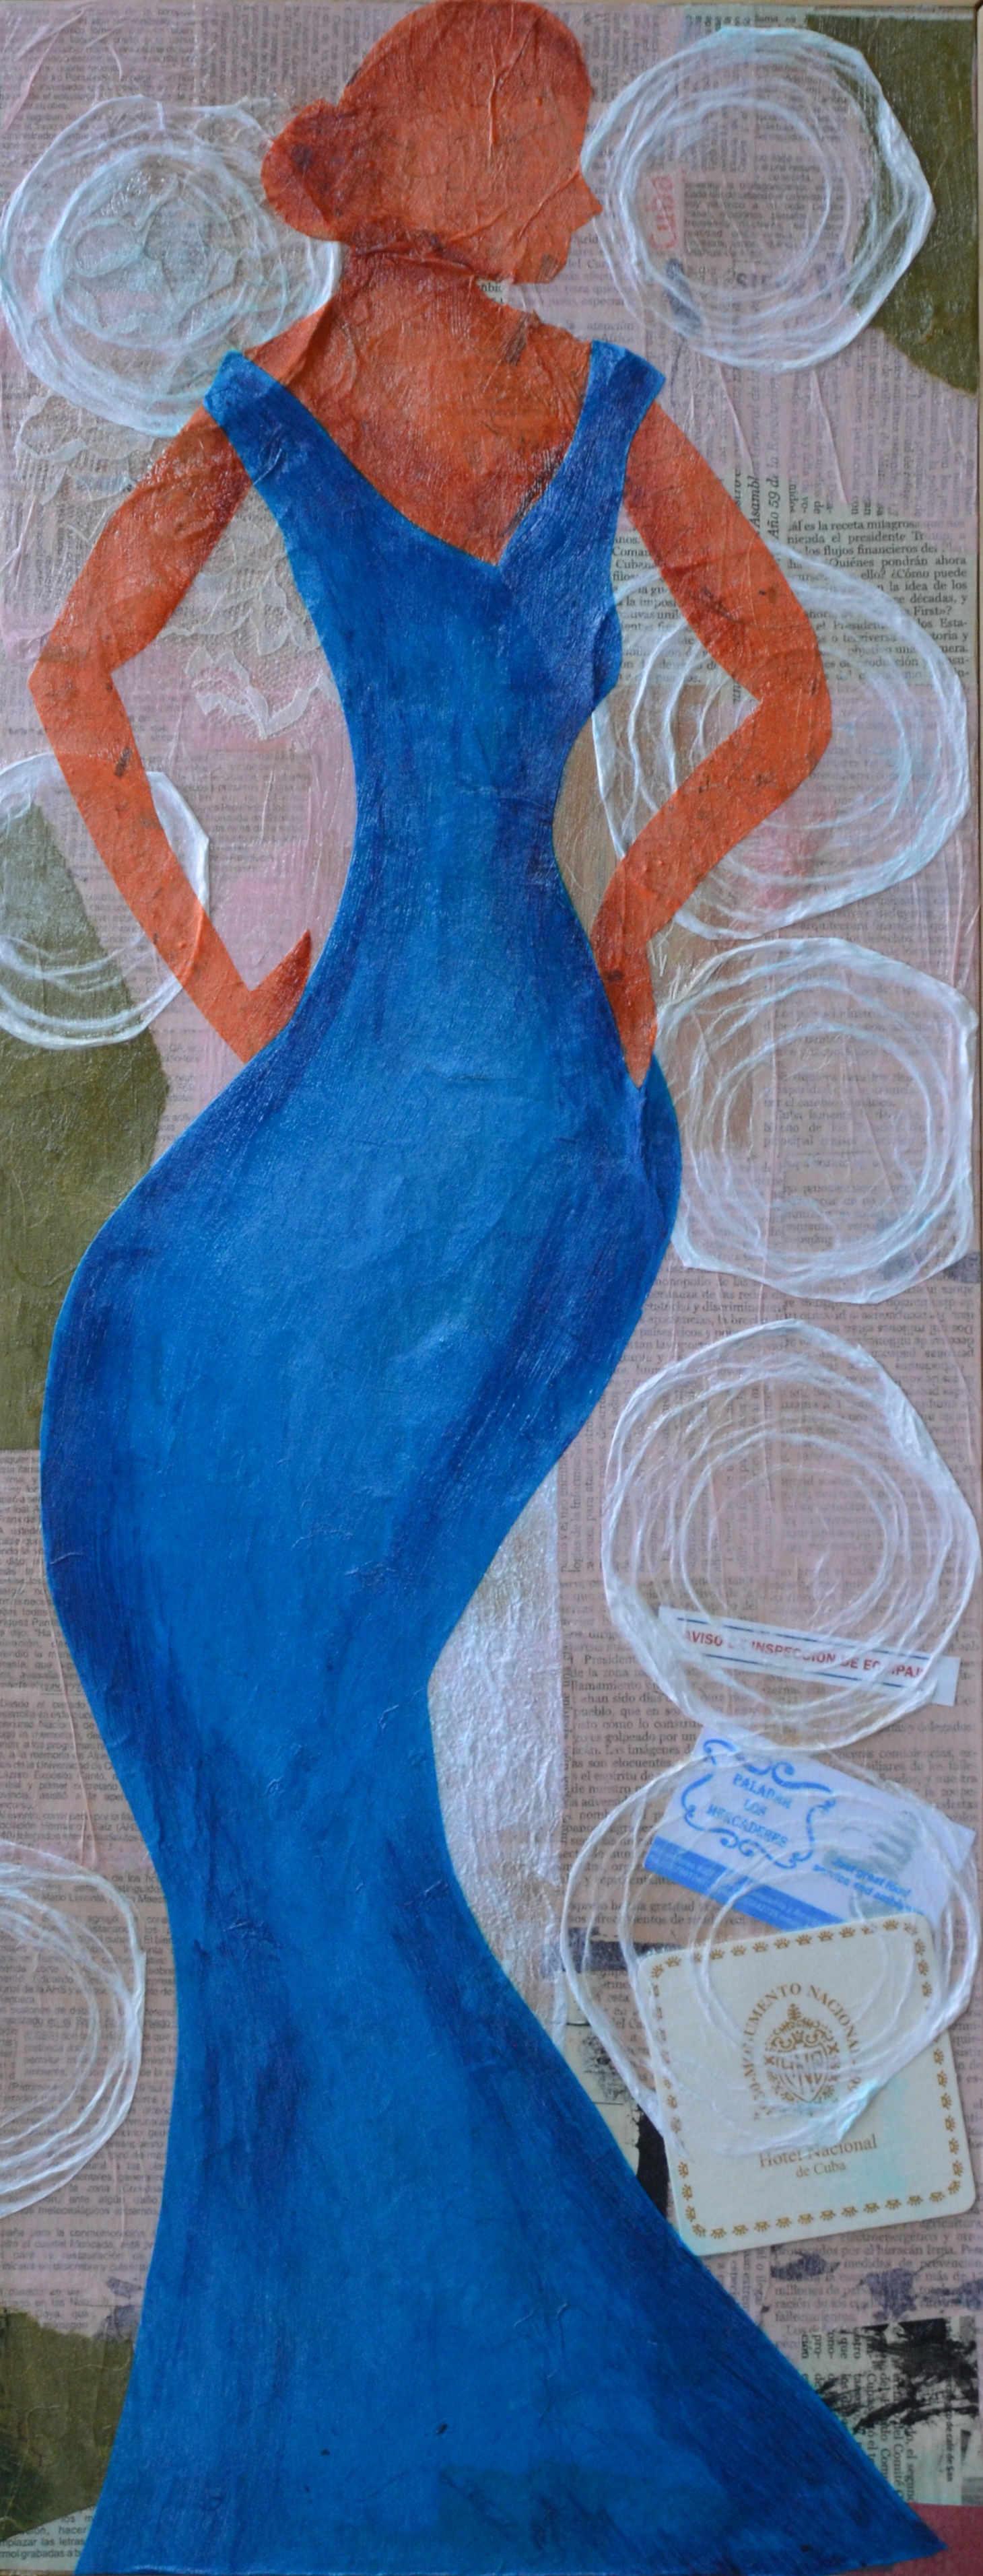 Havana, Blue Dress #17